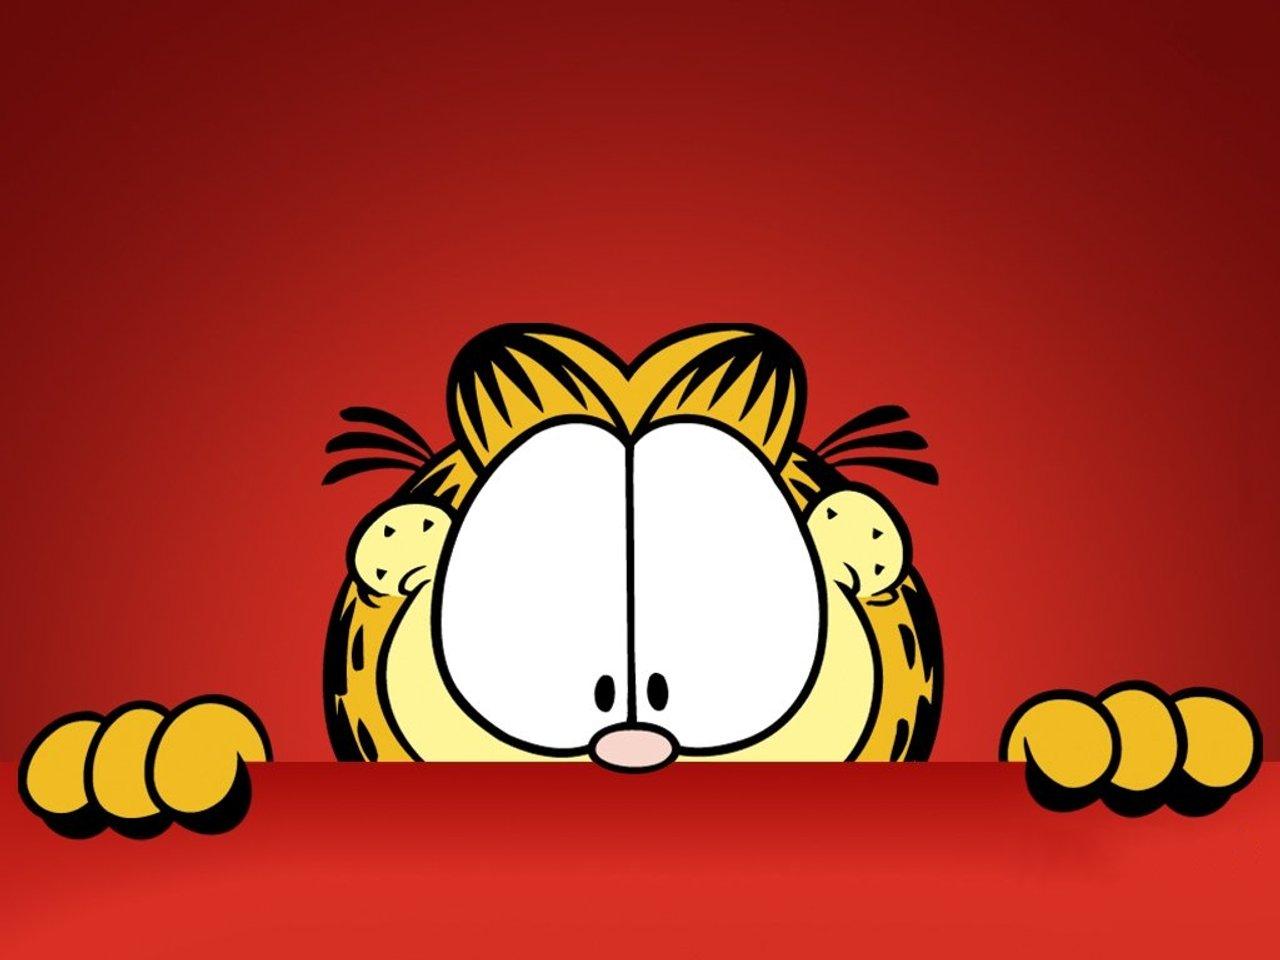 garfield cat wallpaper 61369